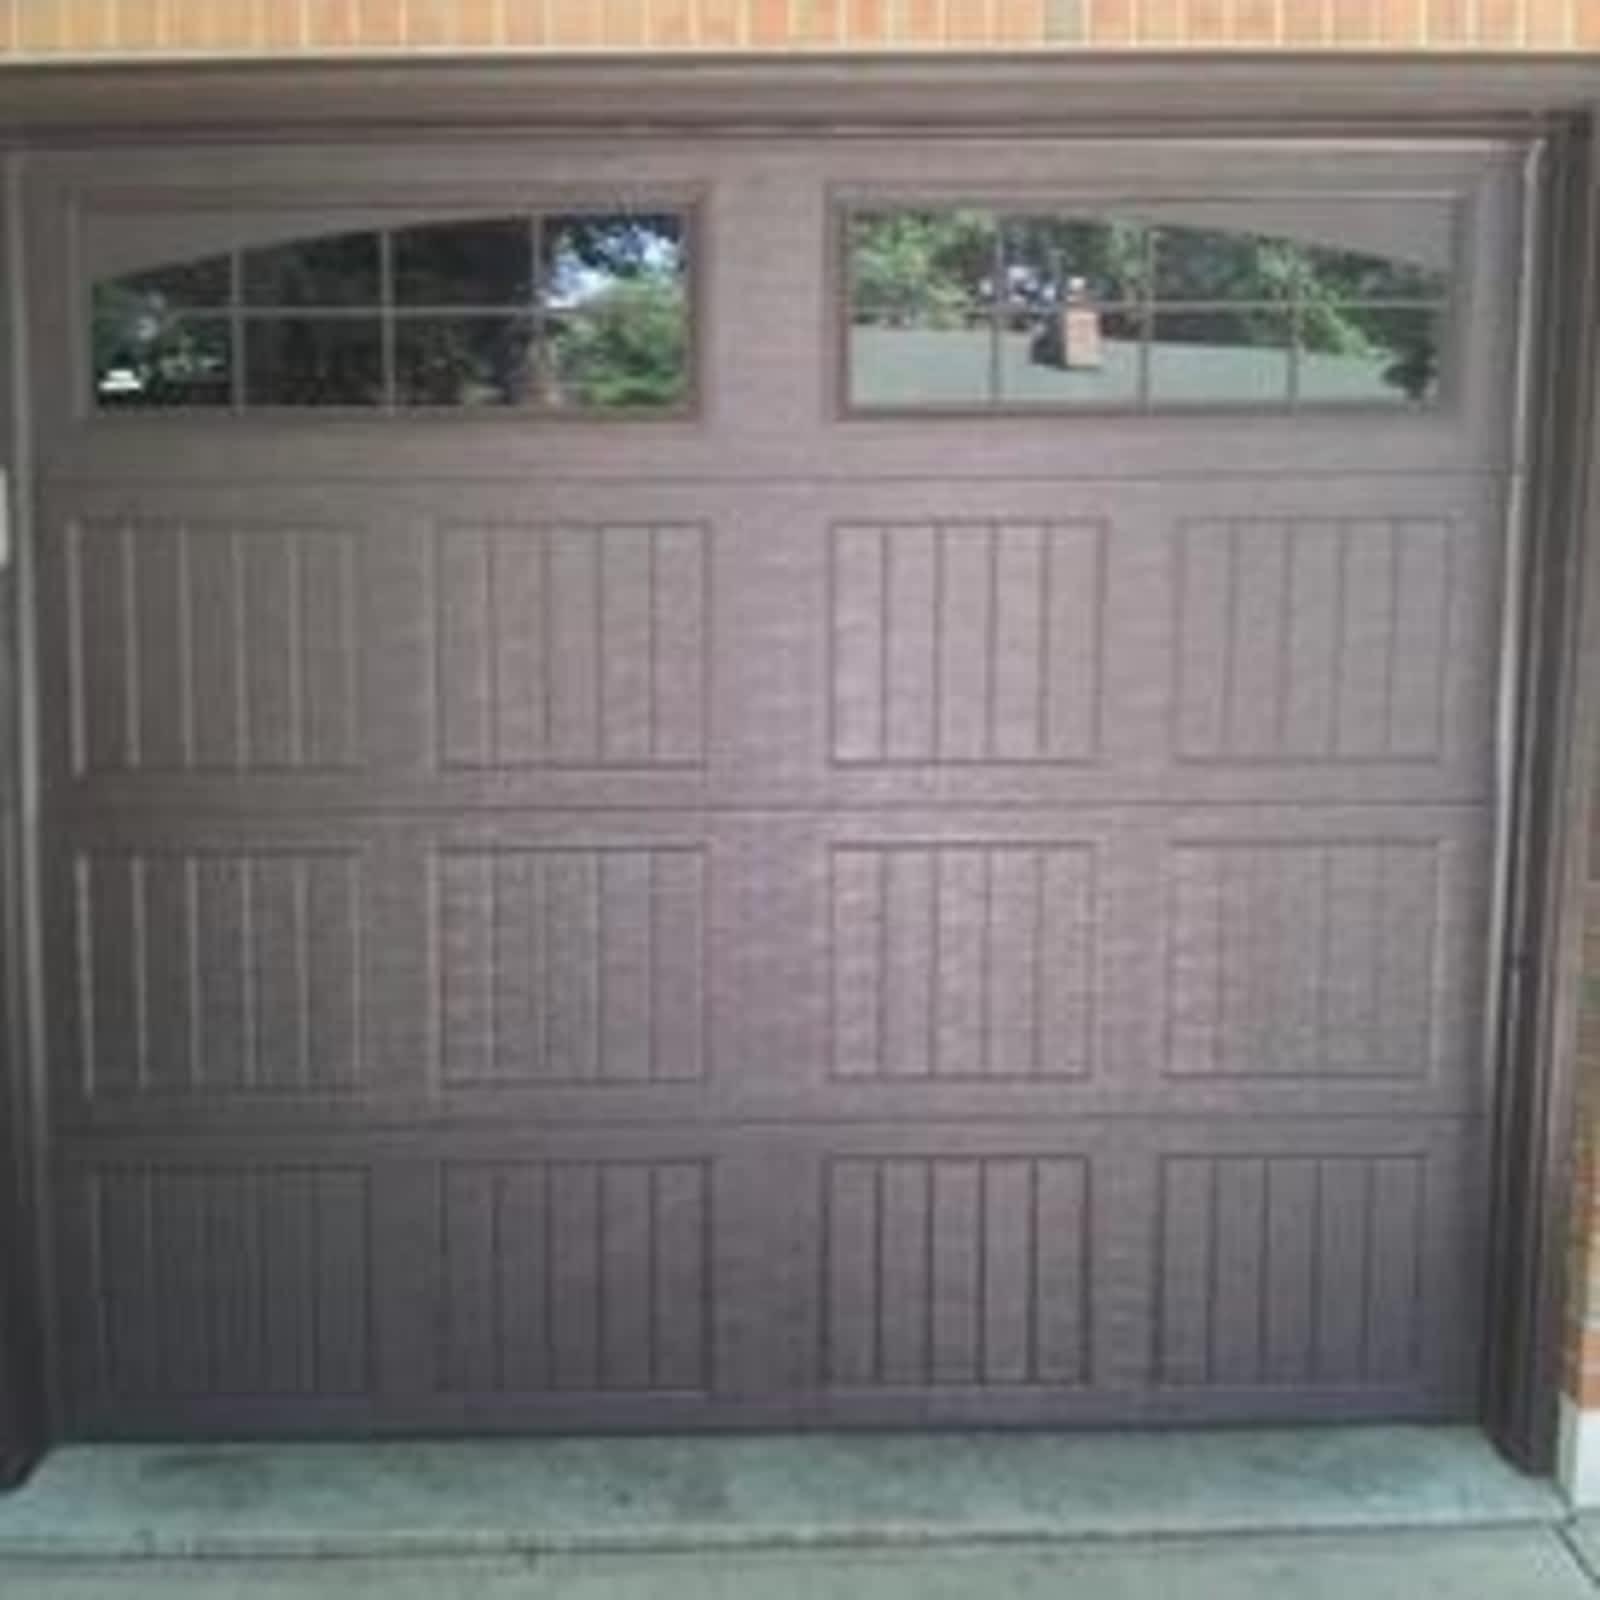 & Linc-Door - Opening Hours - Windsor ON pezcame.com